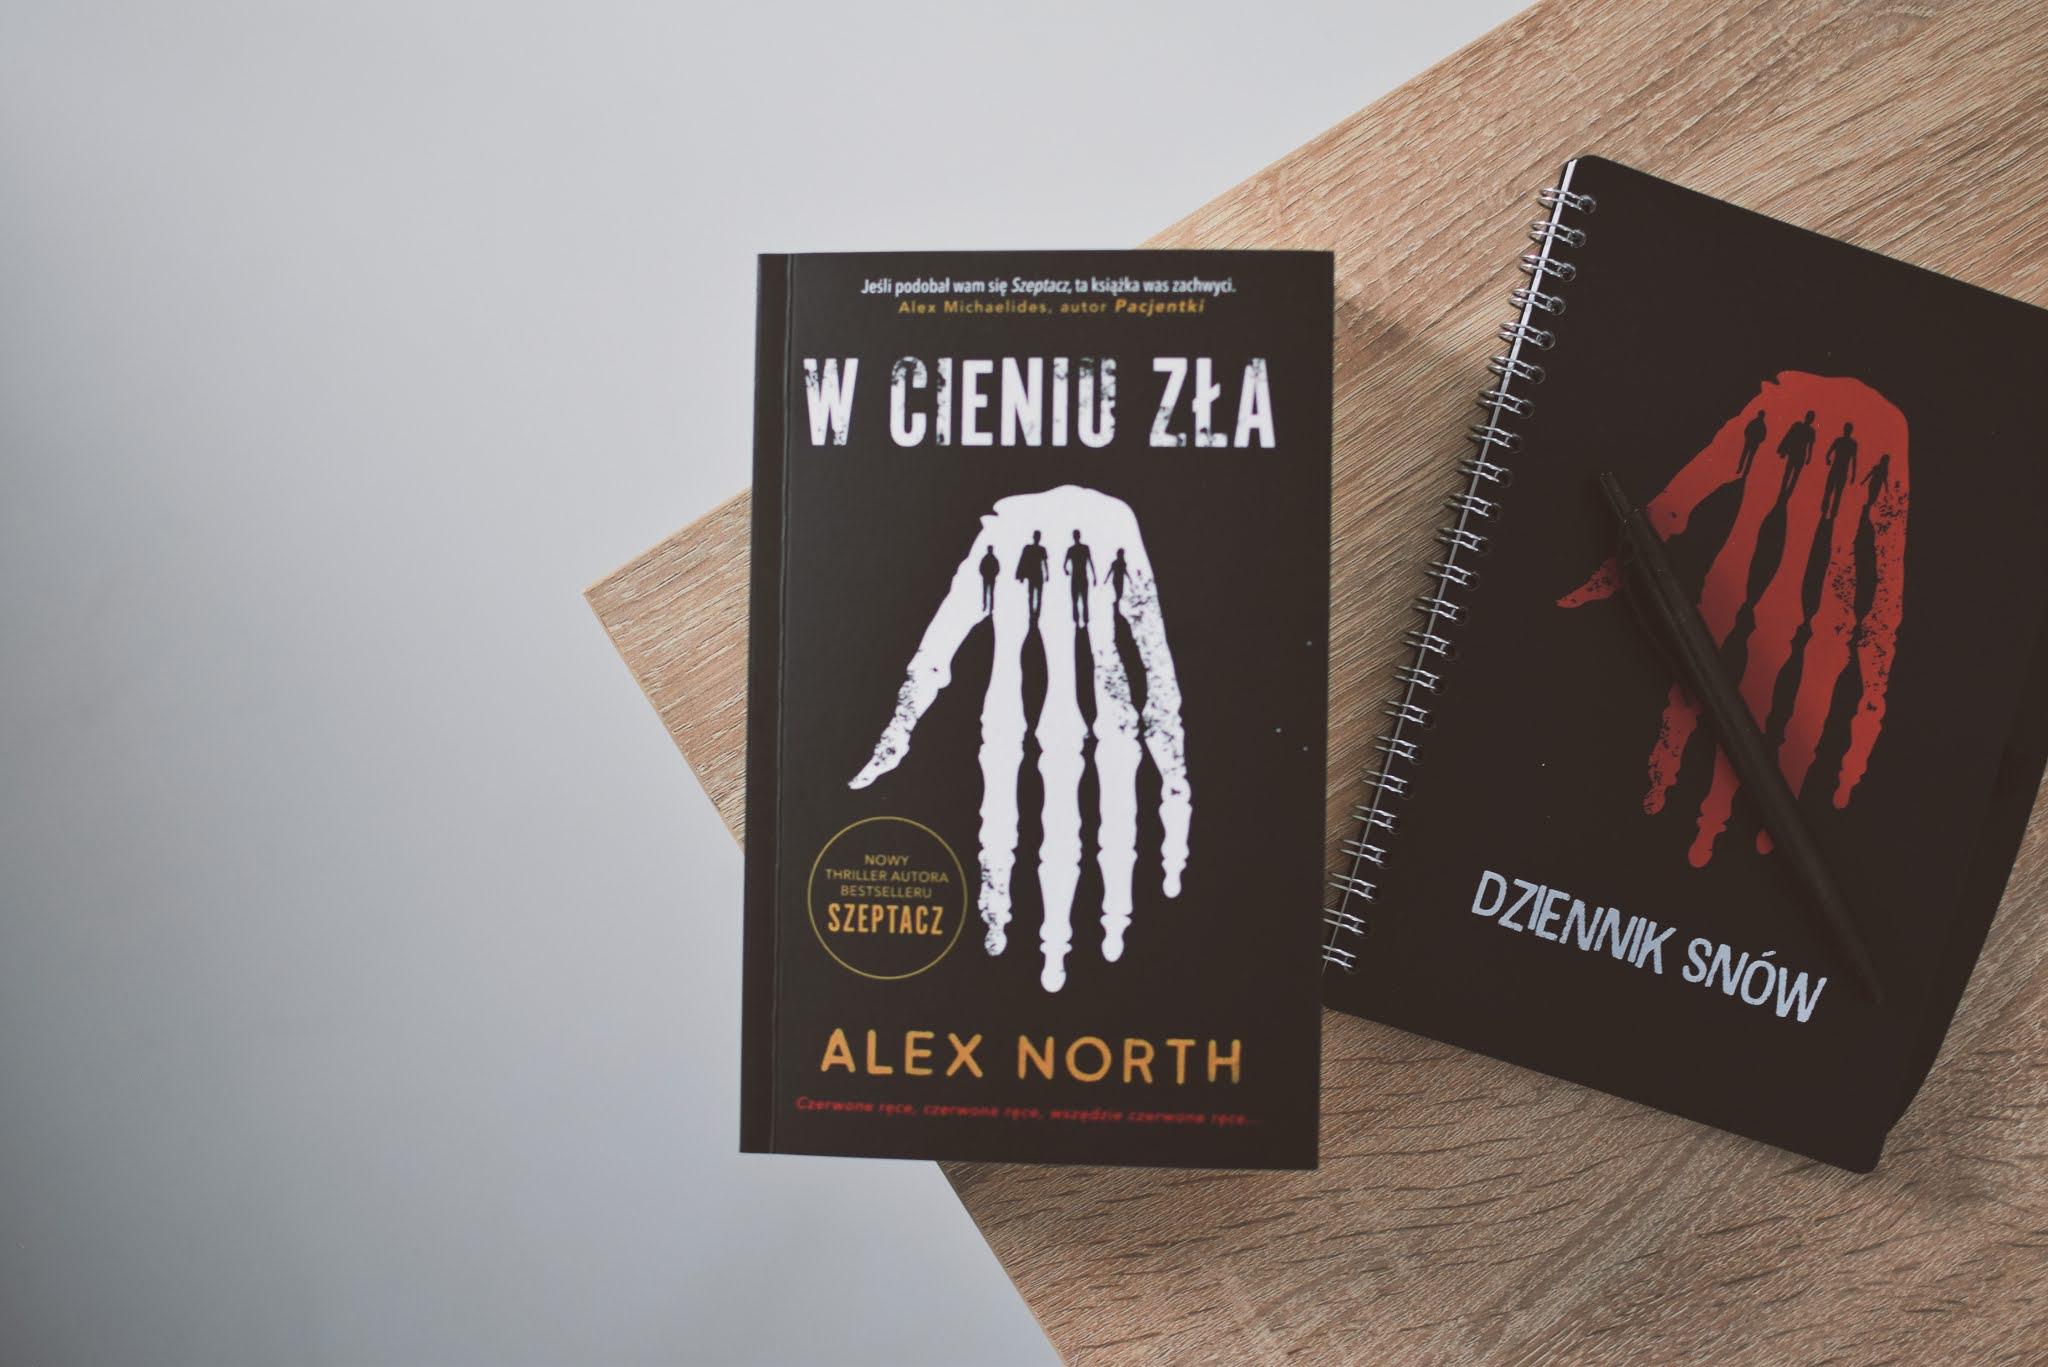 WydawnictwoMuza,AlexNorth, WCieniuZła,opowiadanie,recenzja,sny,thriller,strach,przerazajacaksiazka